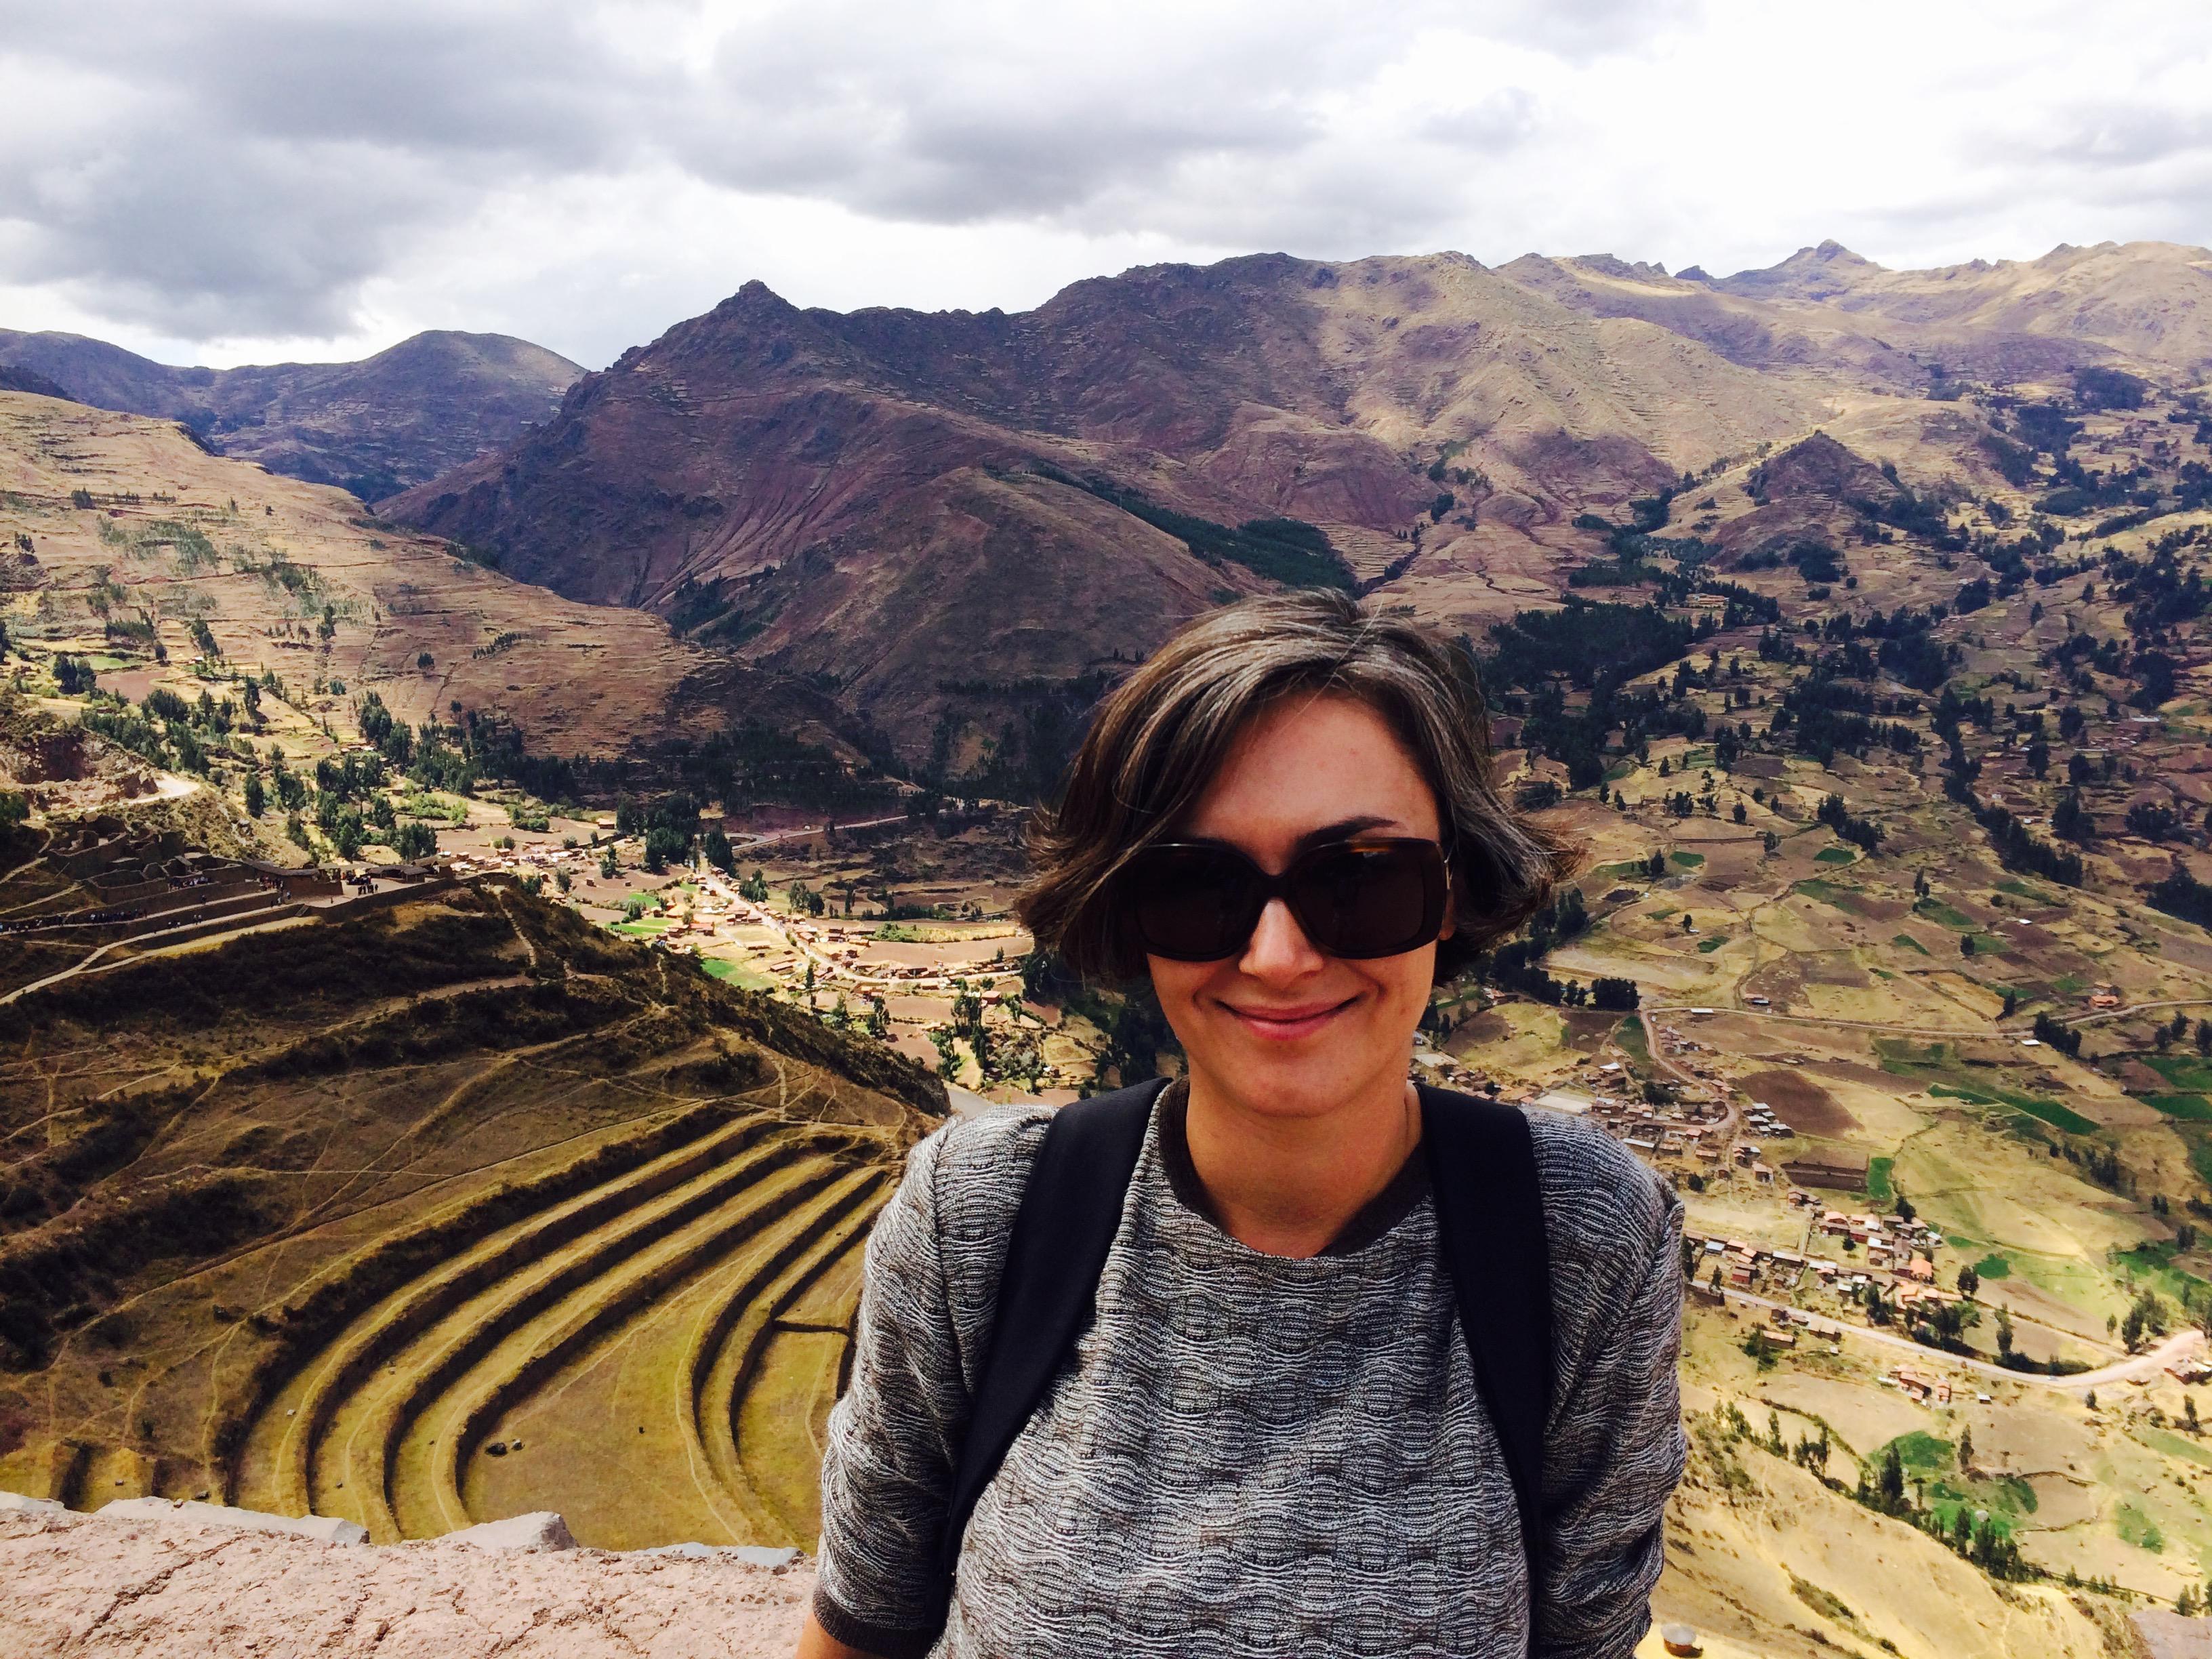 Kobieta w okularach przeciwsłonecznych na tle tarasów w Peru Cuzo